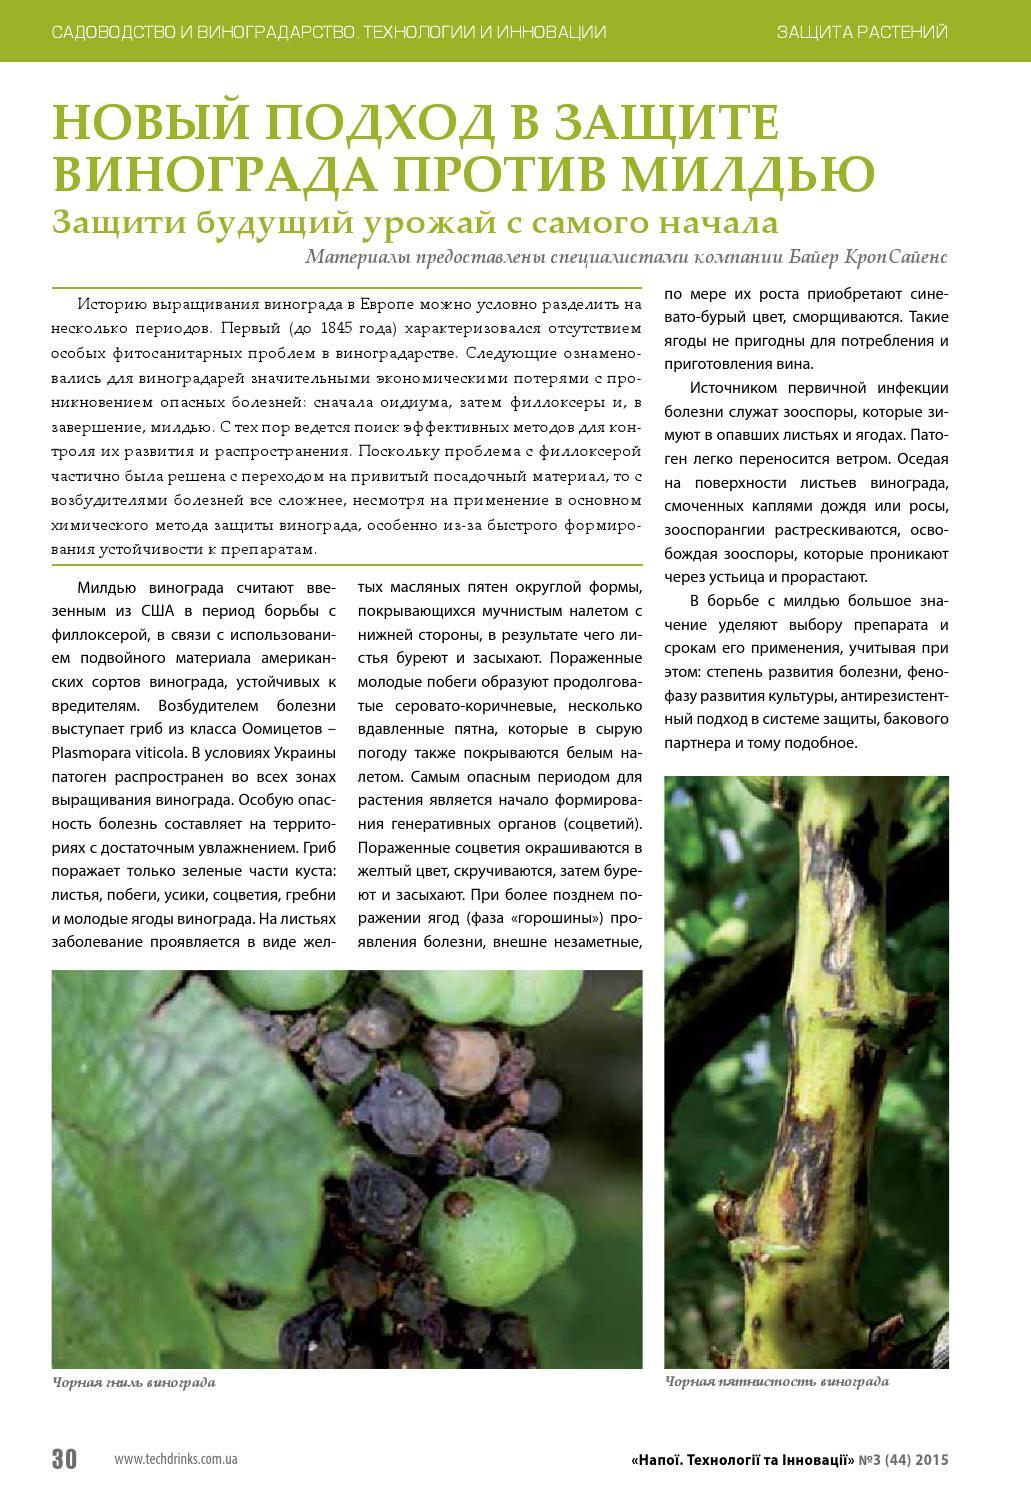 Вредители винограда, филлоксера